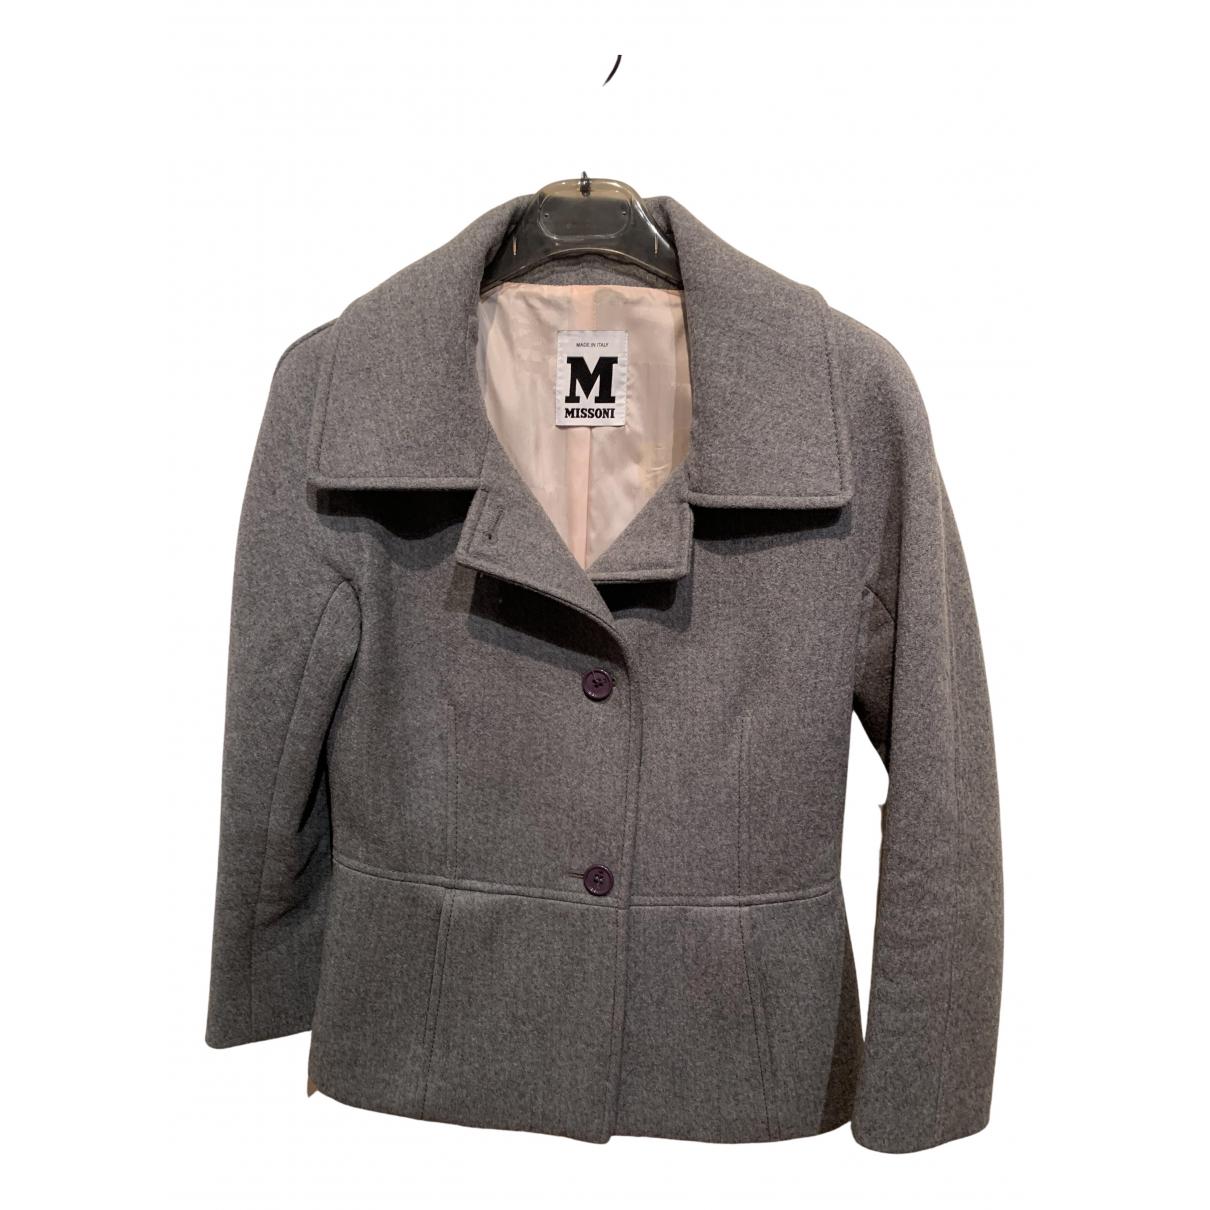 M Missoni \N Lederjacke in  Grau Wolle